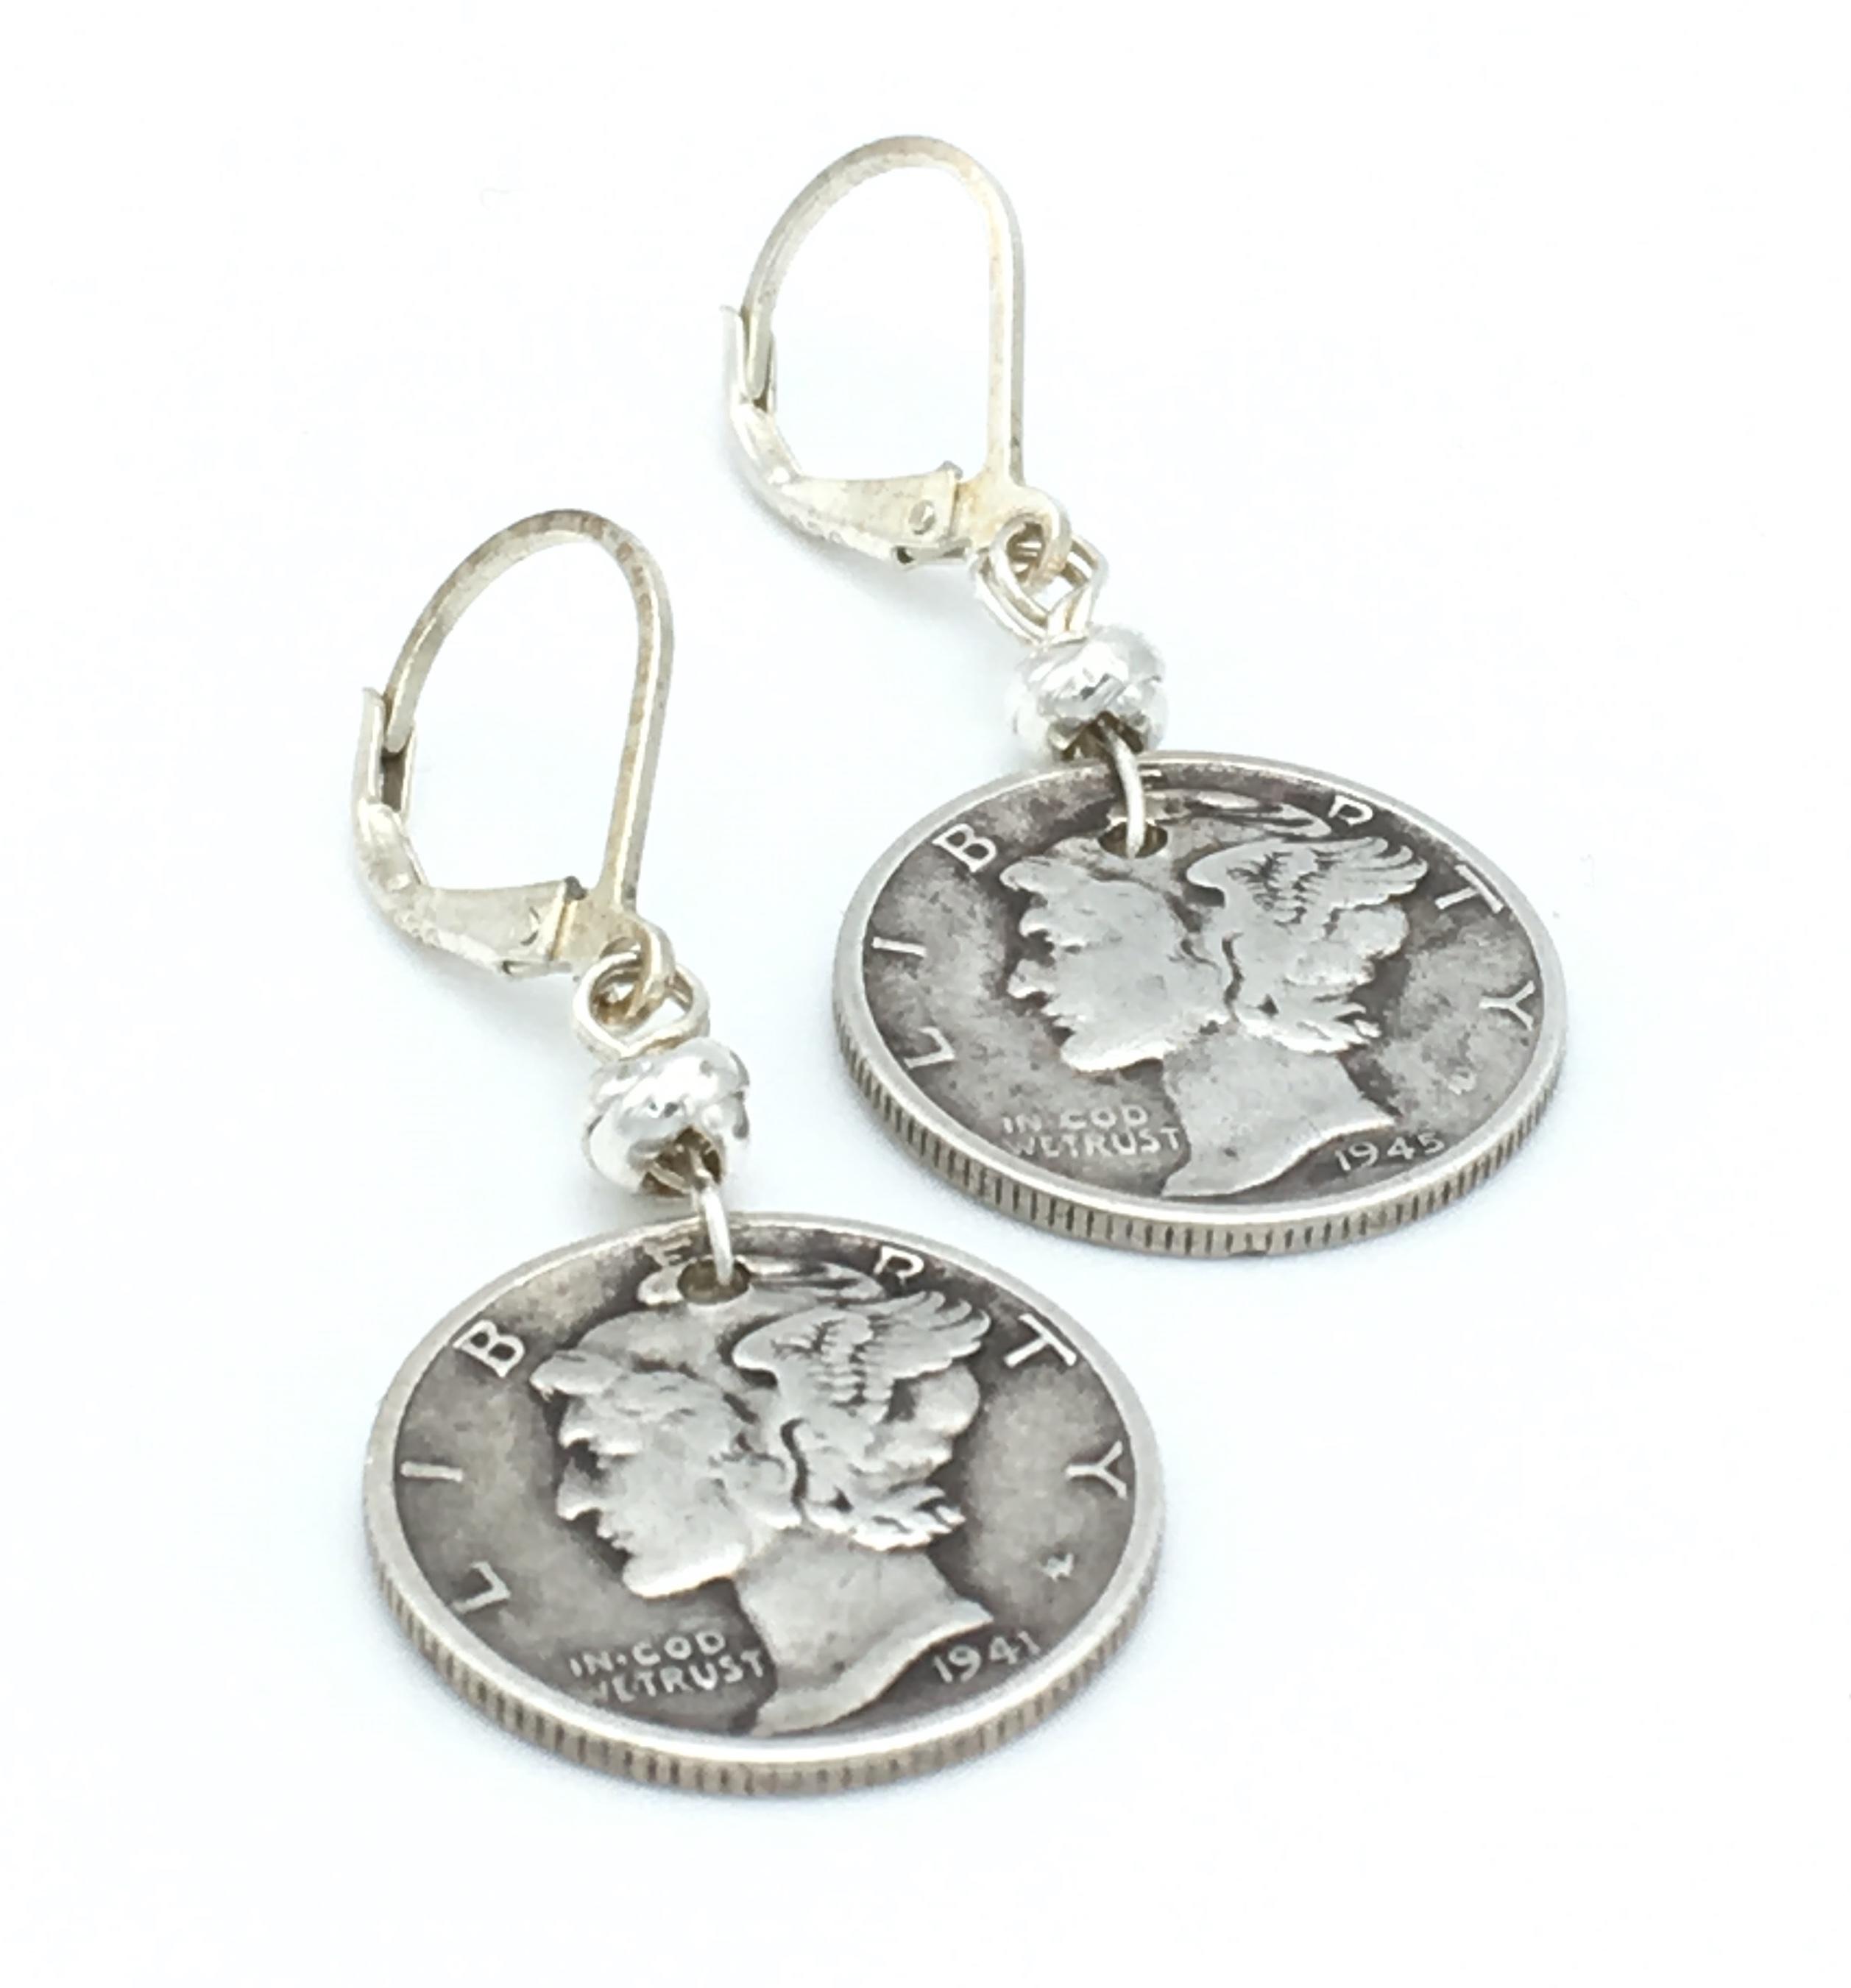 Bijoux Vintage Online : Vintage liberty dime earrings bija bijoux